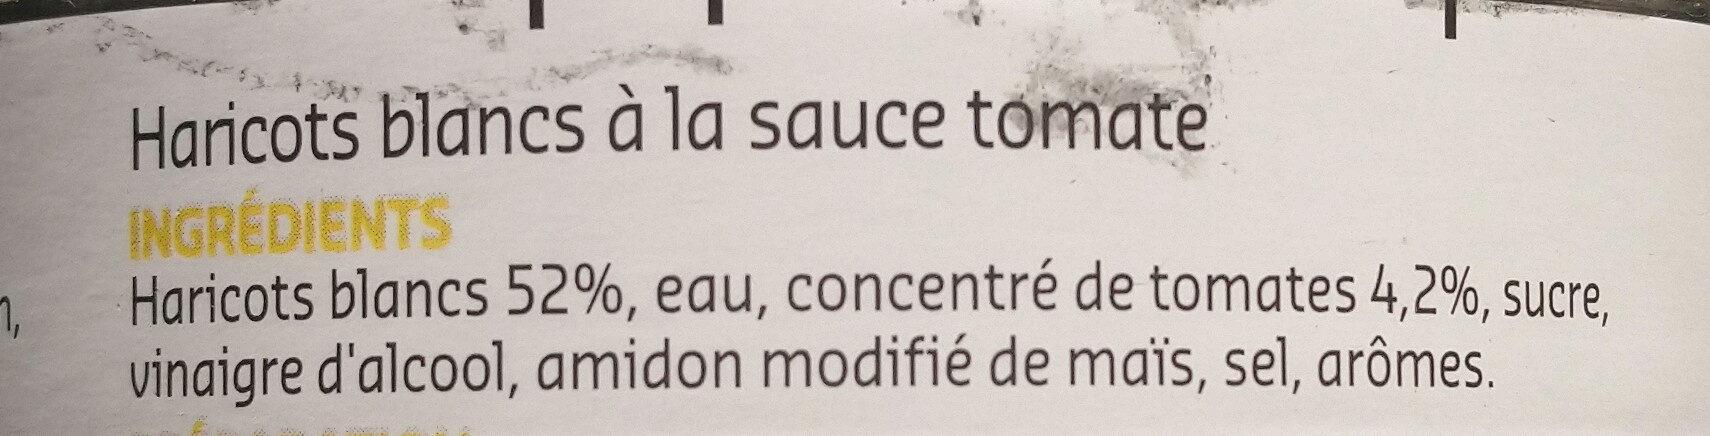 Haricot blanc a la sauce tomate - Ingrédients - fr